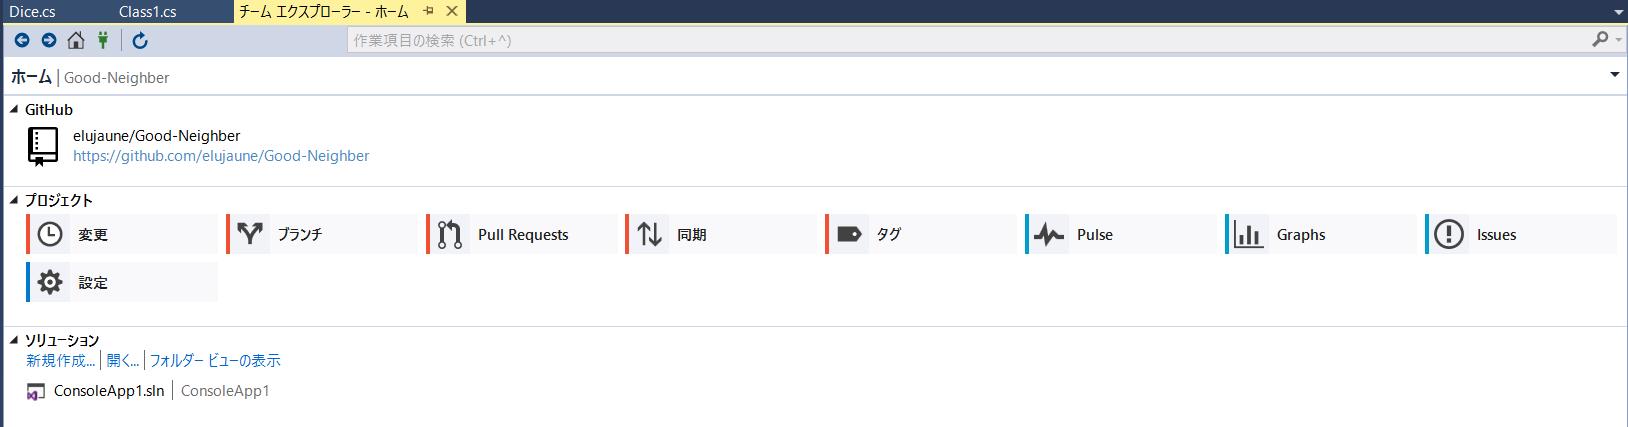 Screenshot_NoName_2018-4-3_22-11-43_No-00.png